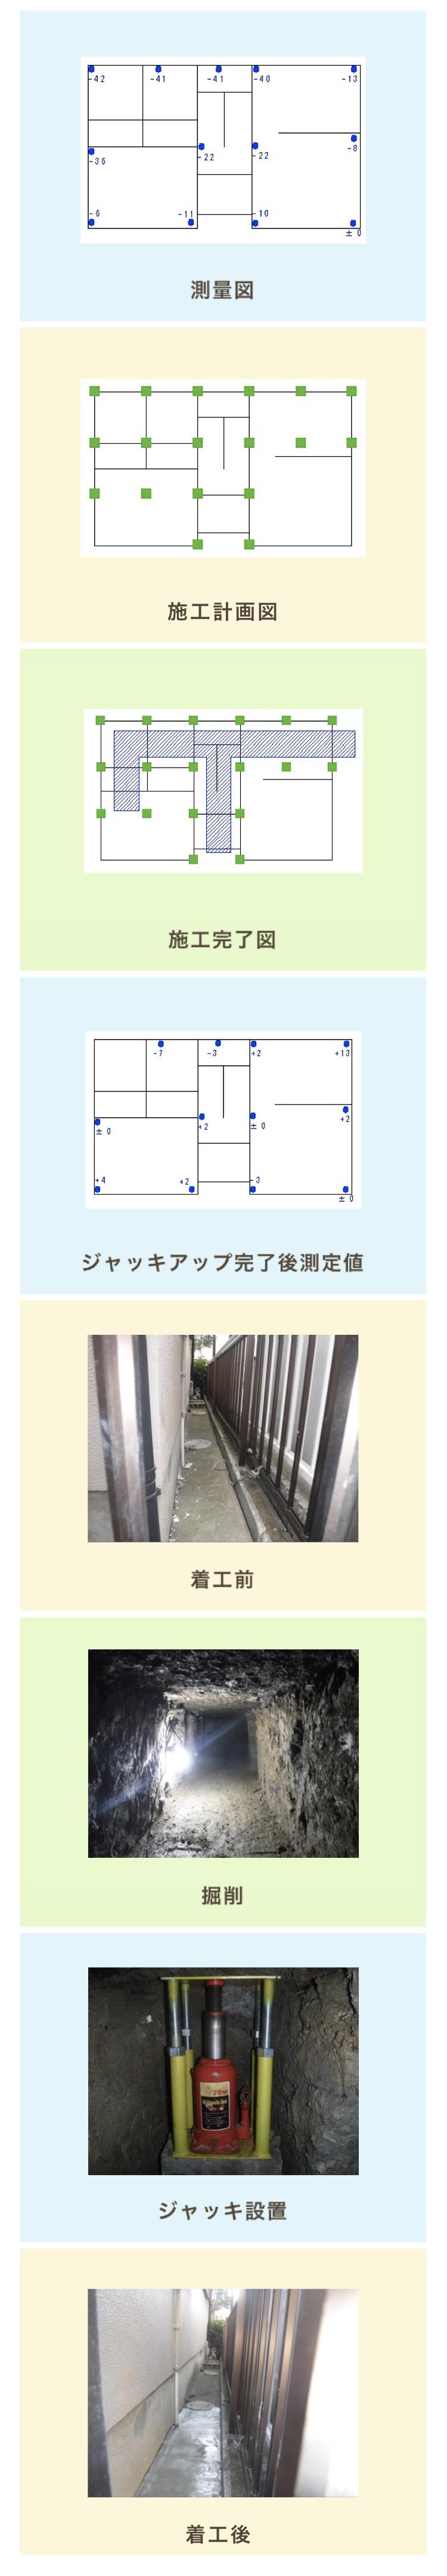 大坂府松原市_株式会社R様